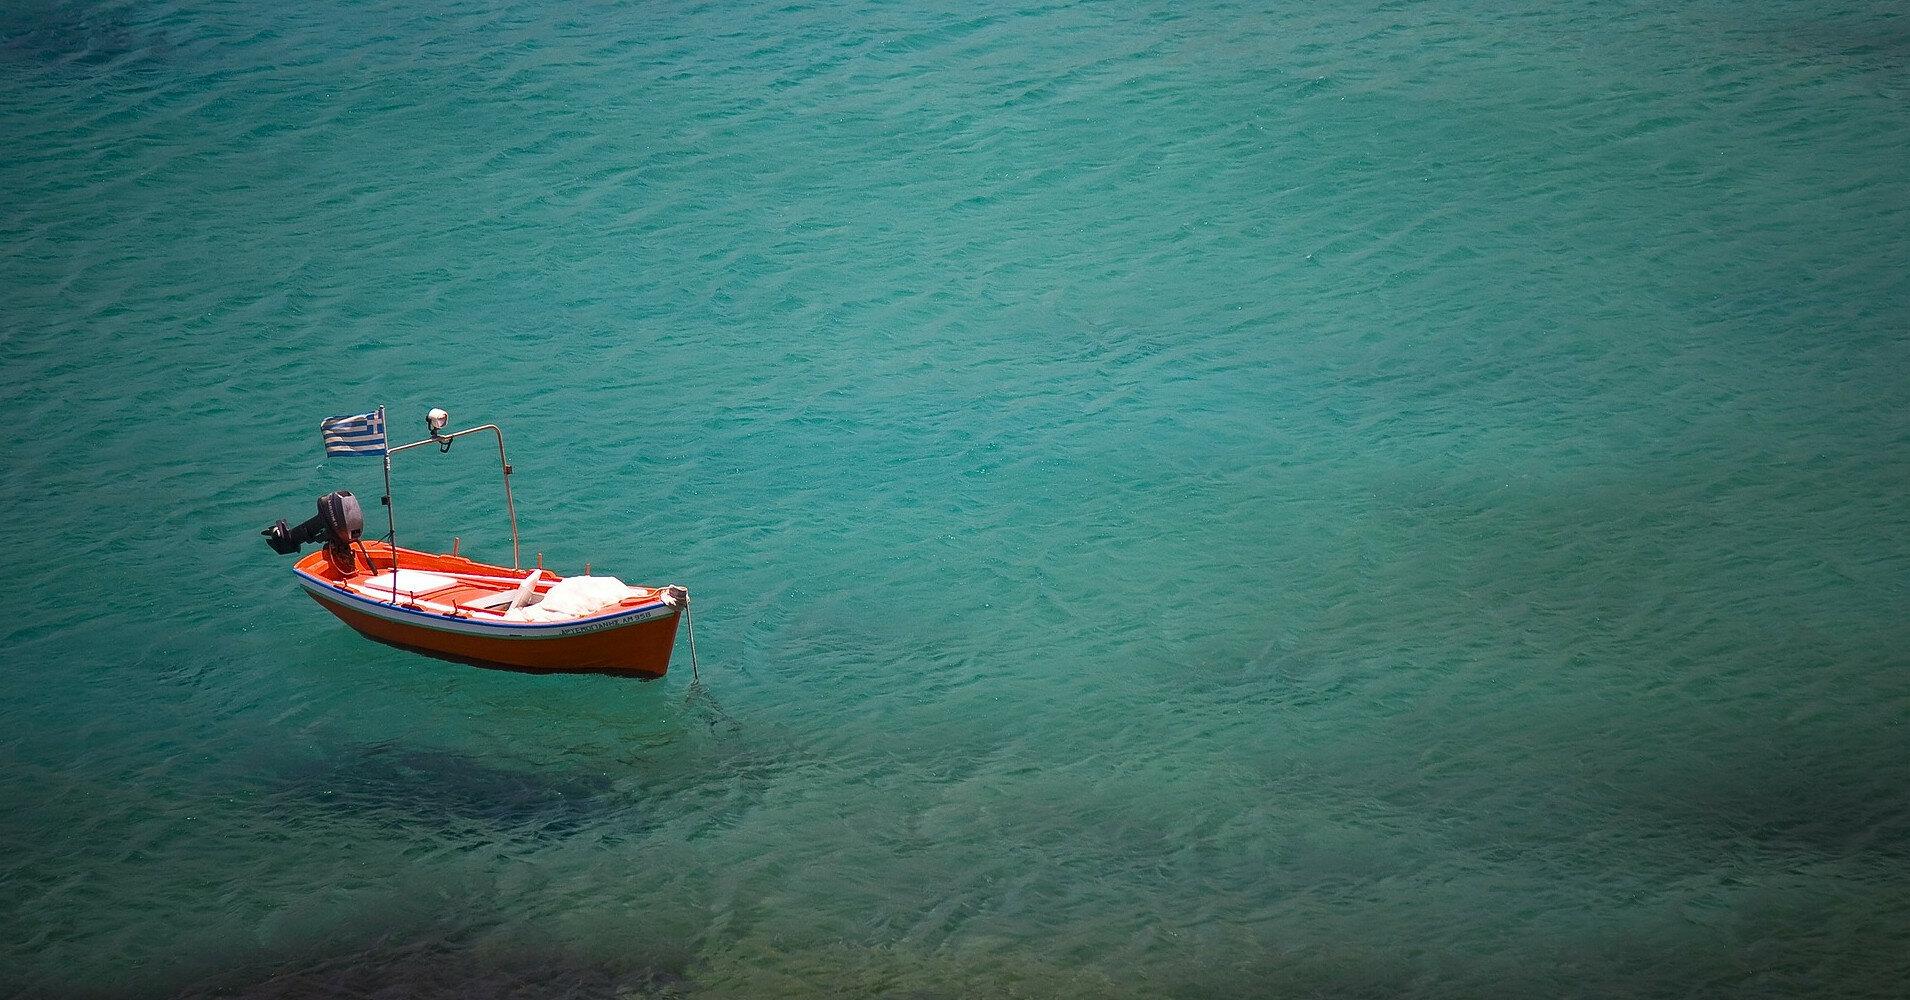 В море обнаружили лодку-призрак: на борту было 20 мертвых тел